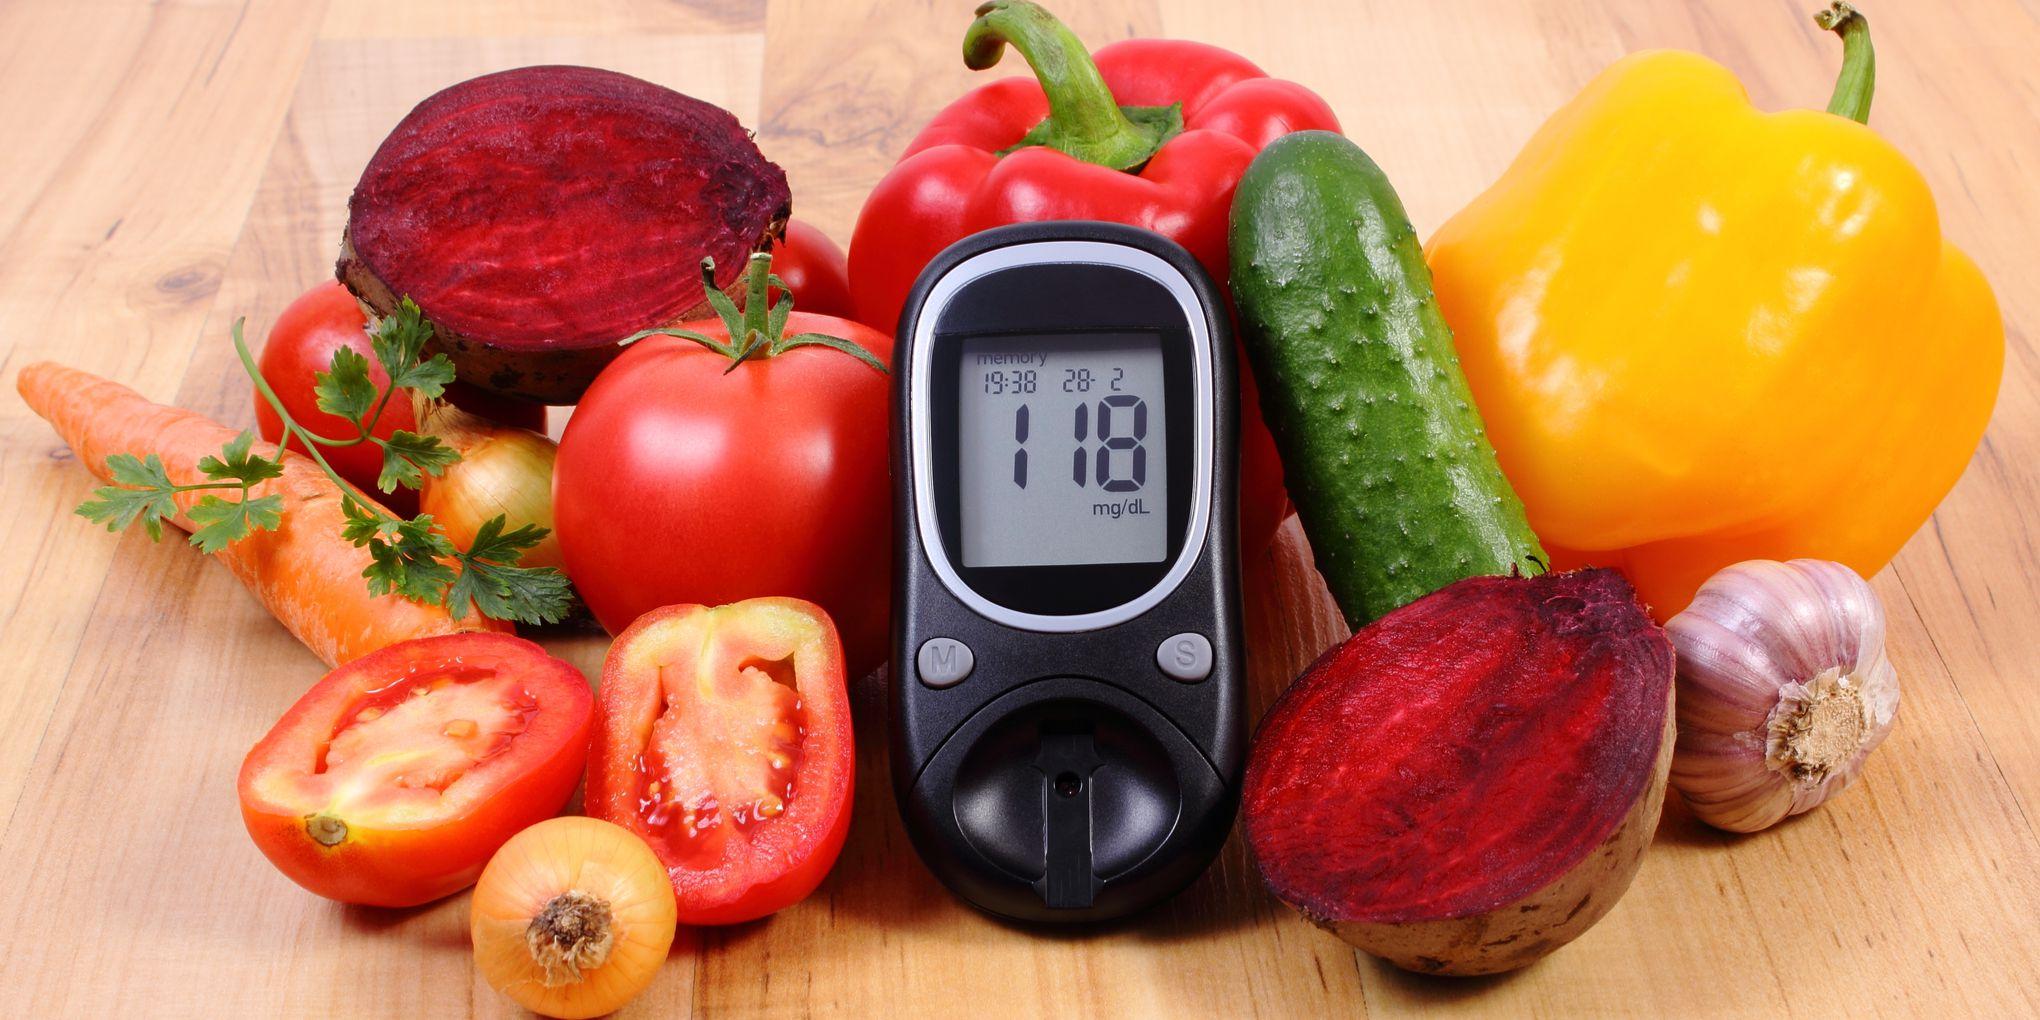 Učinkovite I Jeftine Dijetalne Pilule  Razlozi Prehrana I Prehrana